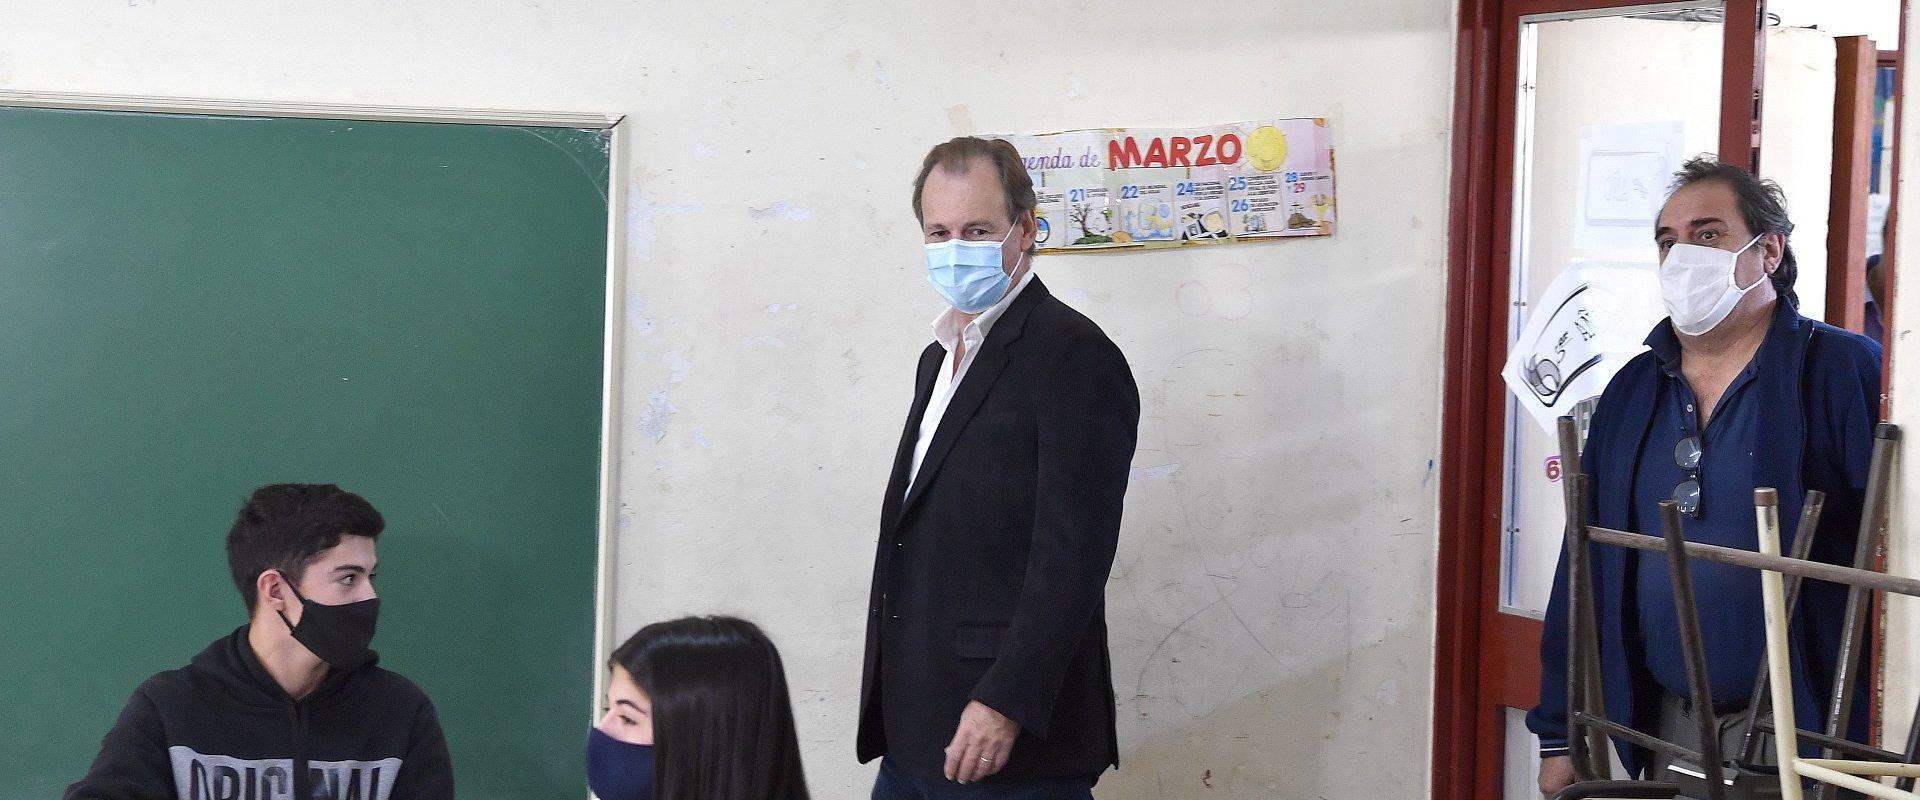 Bordet gestionó obras de infraestructura educativa ante Nación